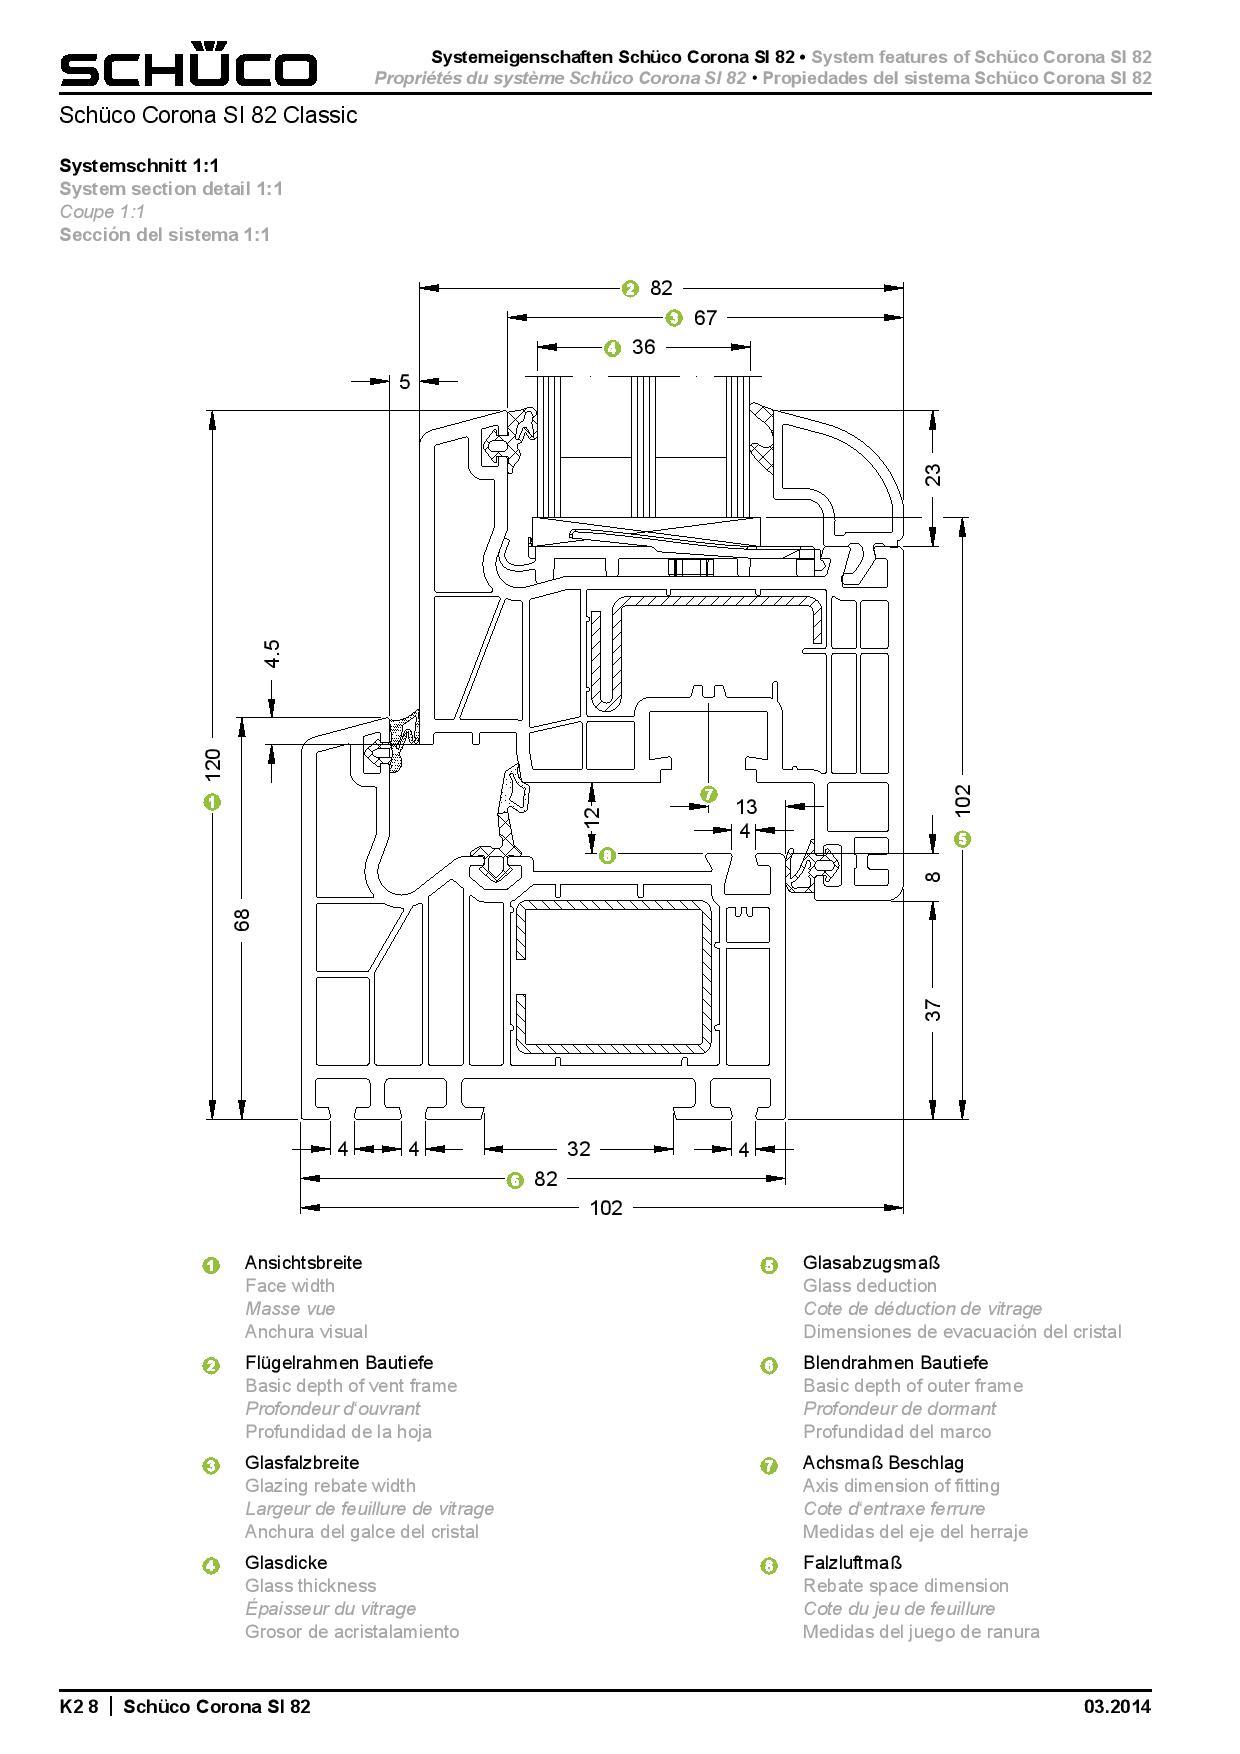 Niedlich 82 Erstaunliche Webstuhl Diagramm Bildinspirationen Fotos ...